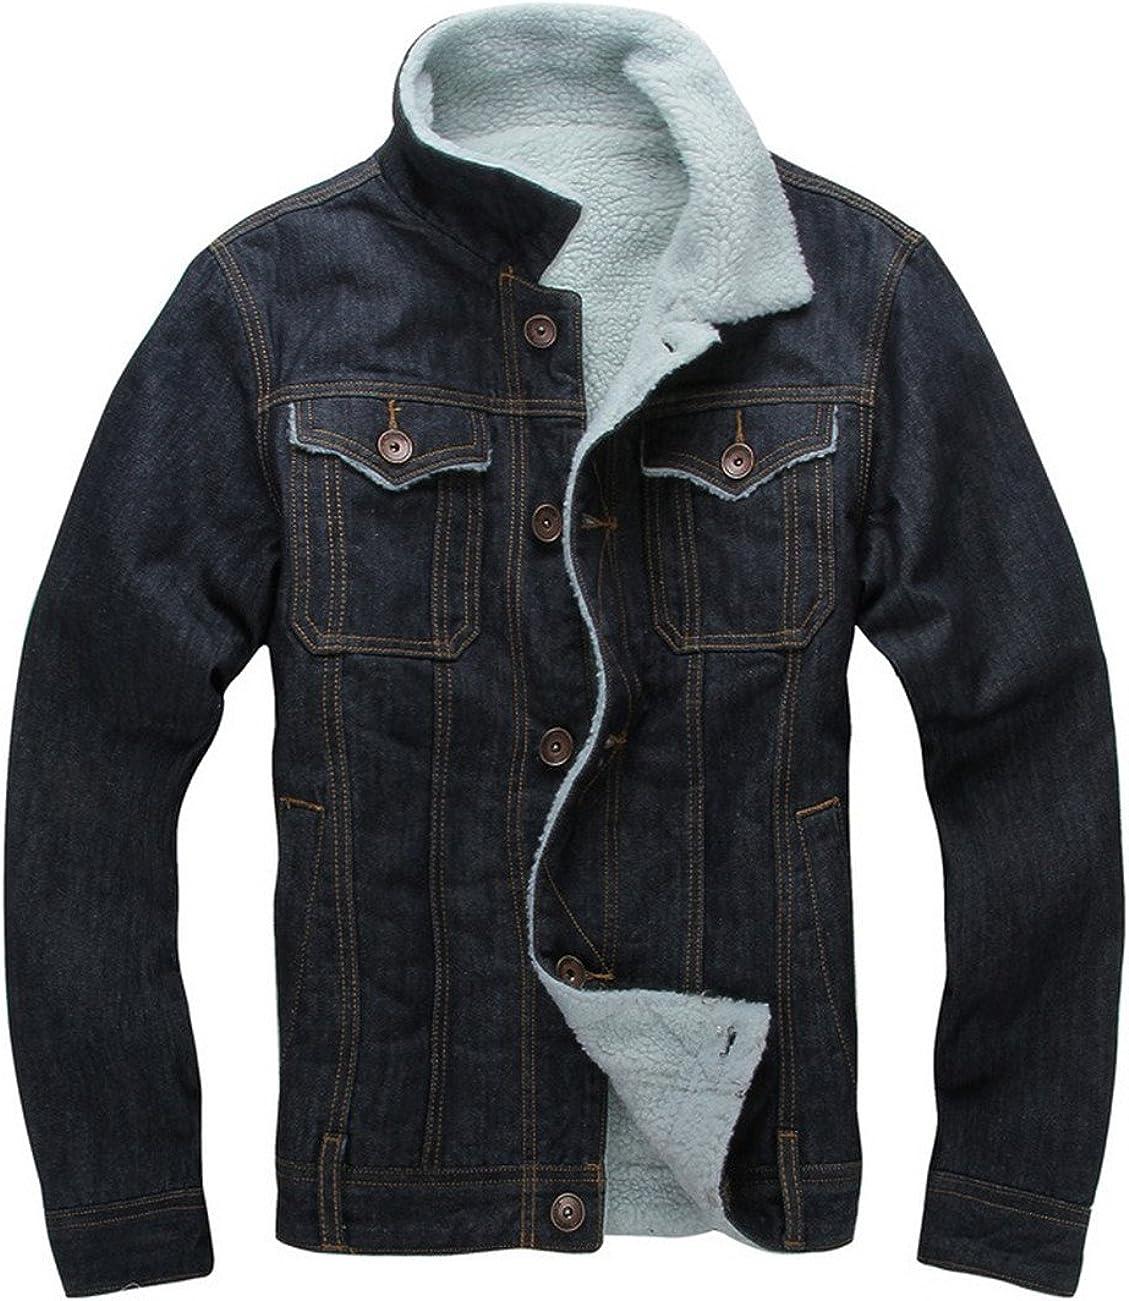 DSDZ Men's Winter Fleece Lined Denim Jackets Warn Jean Coats Outwear